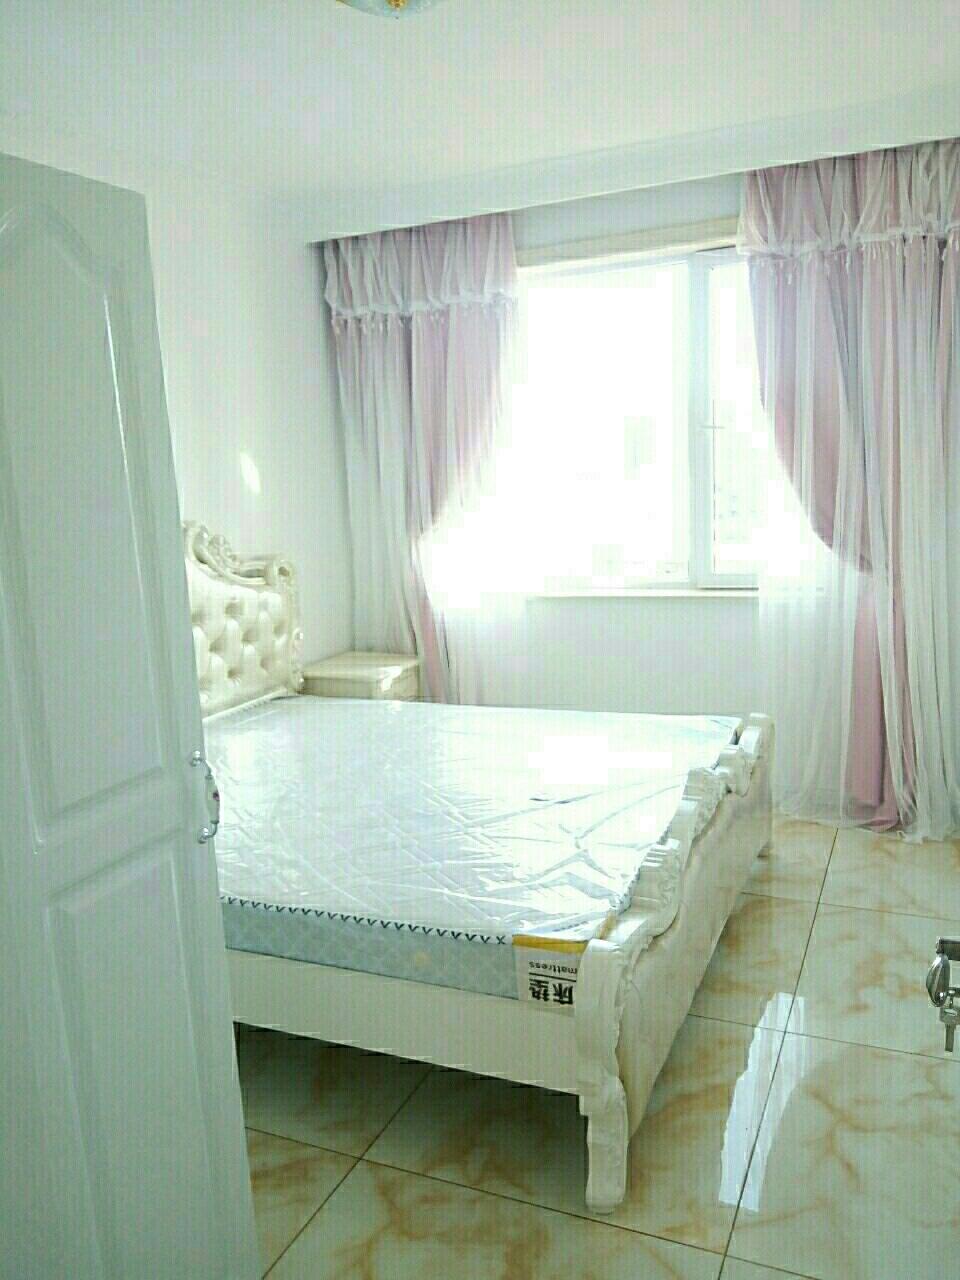 朝阳镇星华家园2室2厅1卫55万元